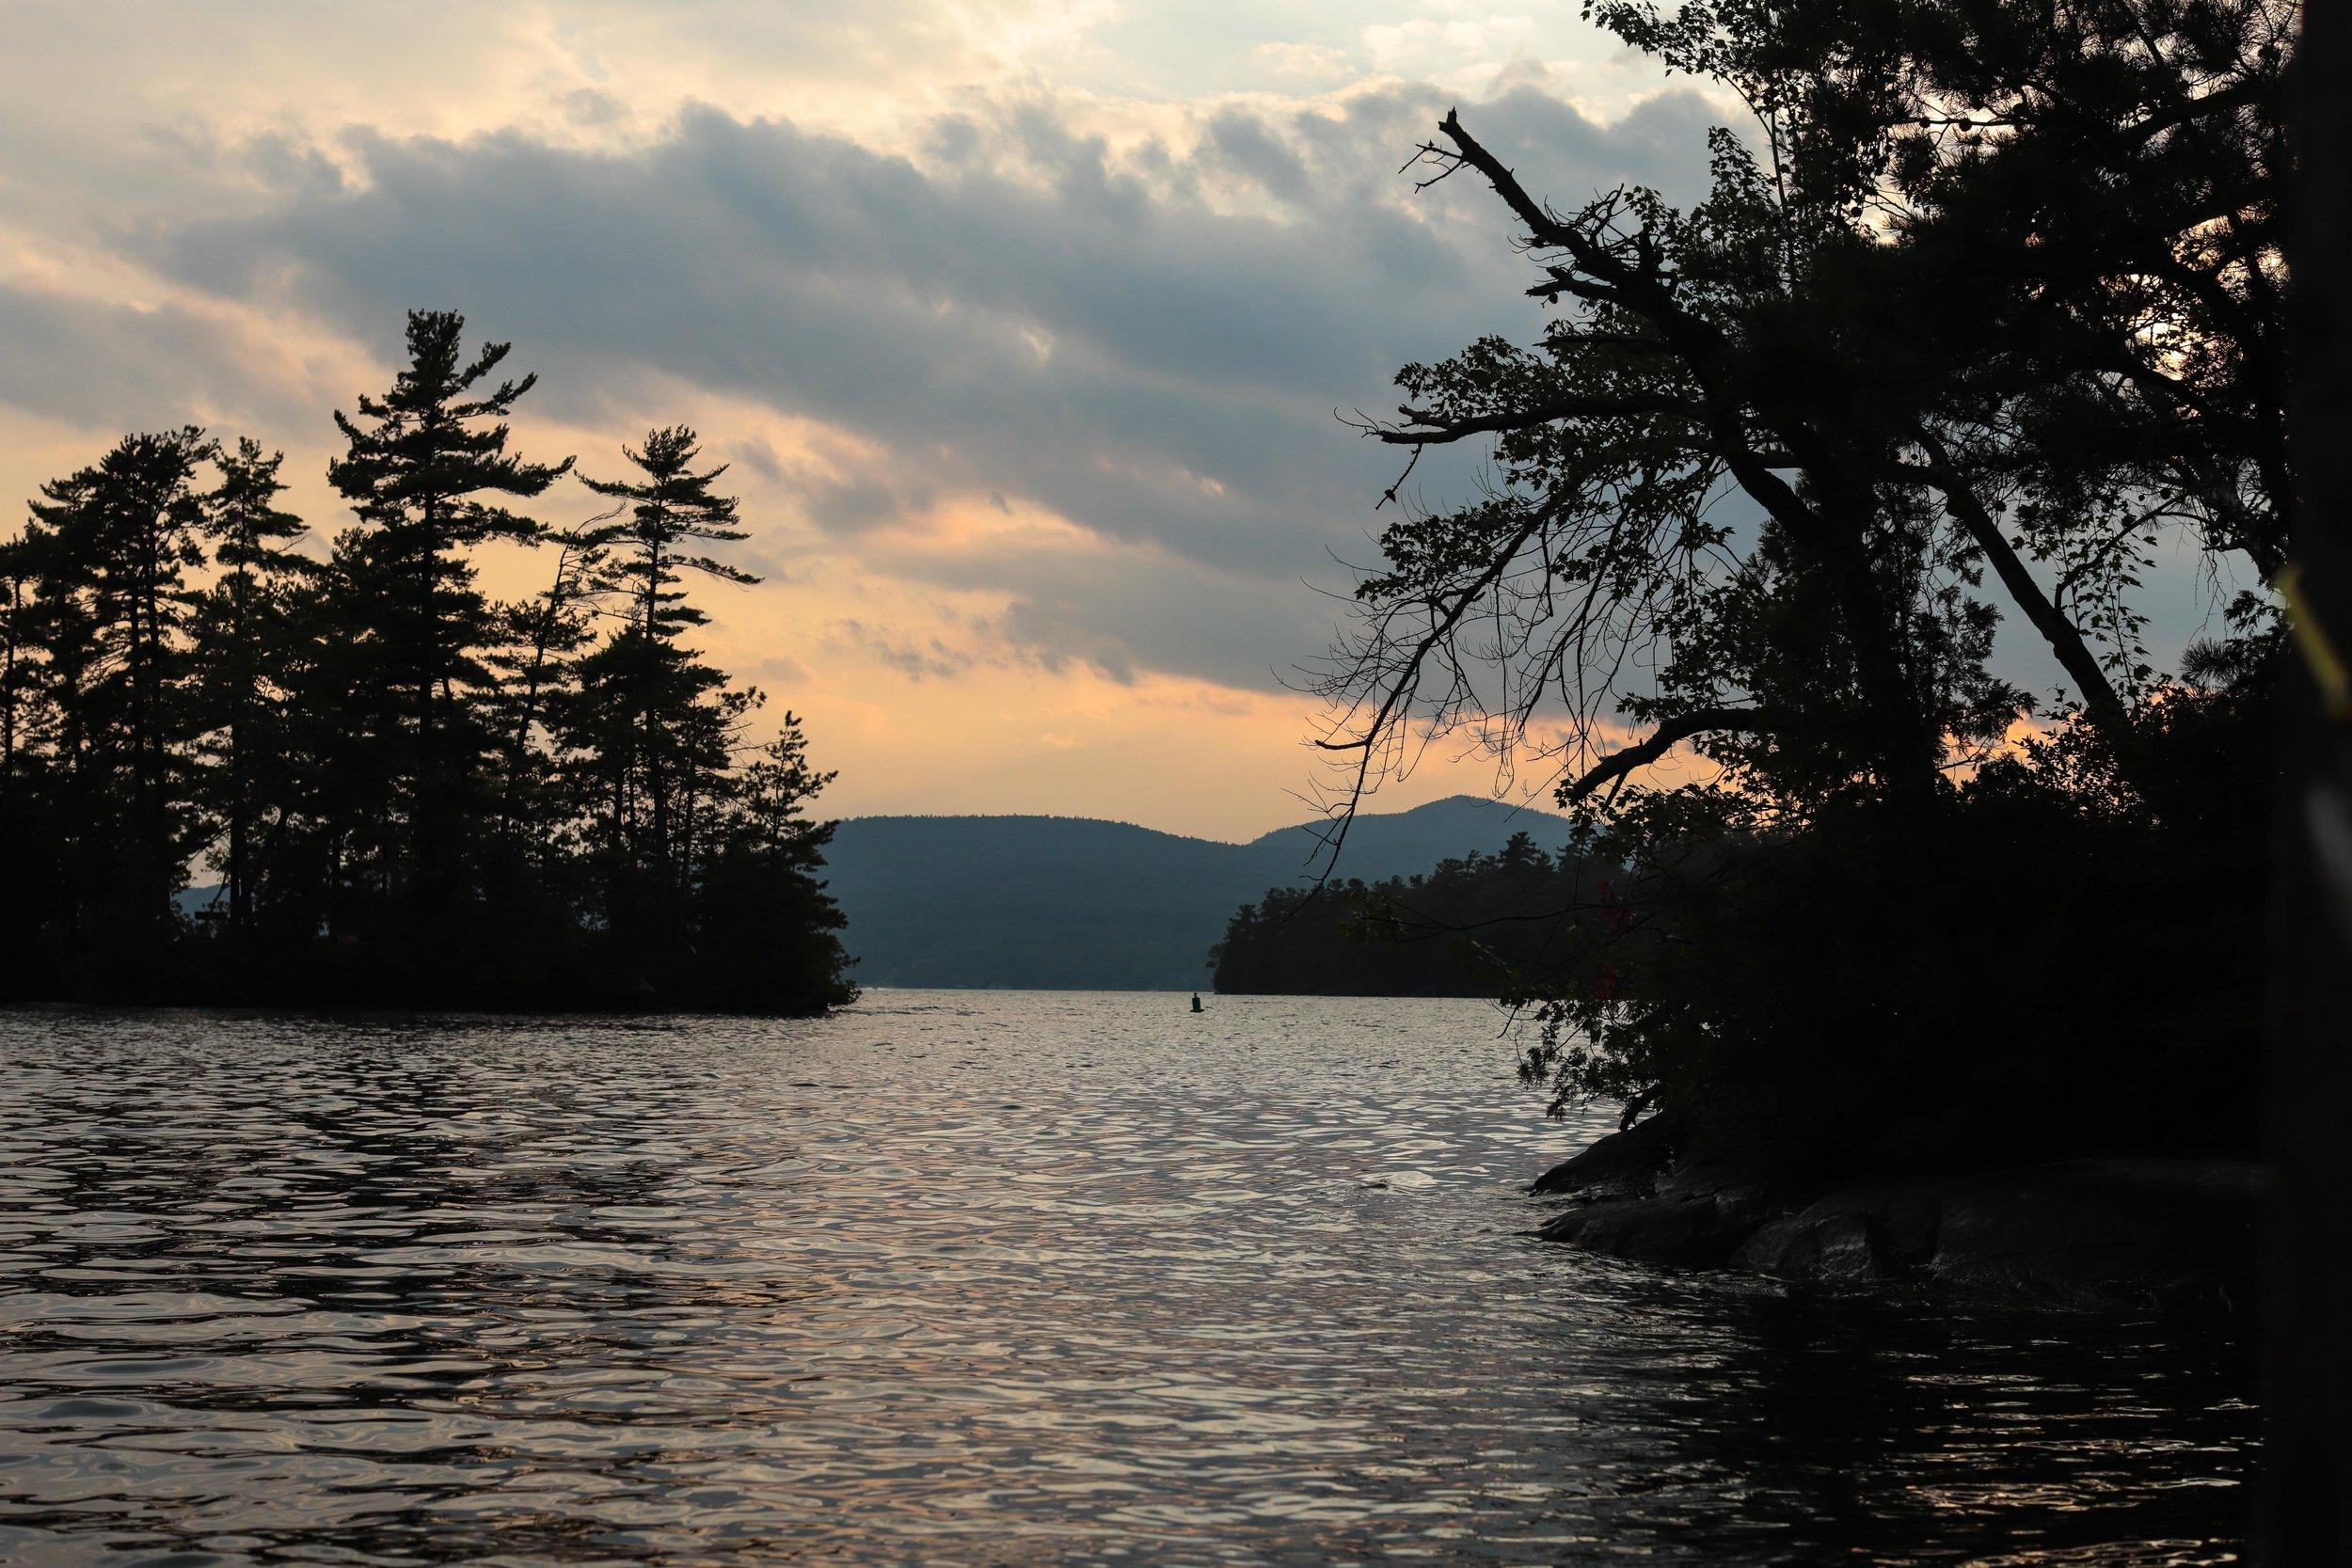 Glen Island group on Lake George